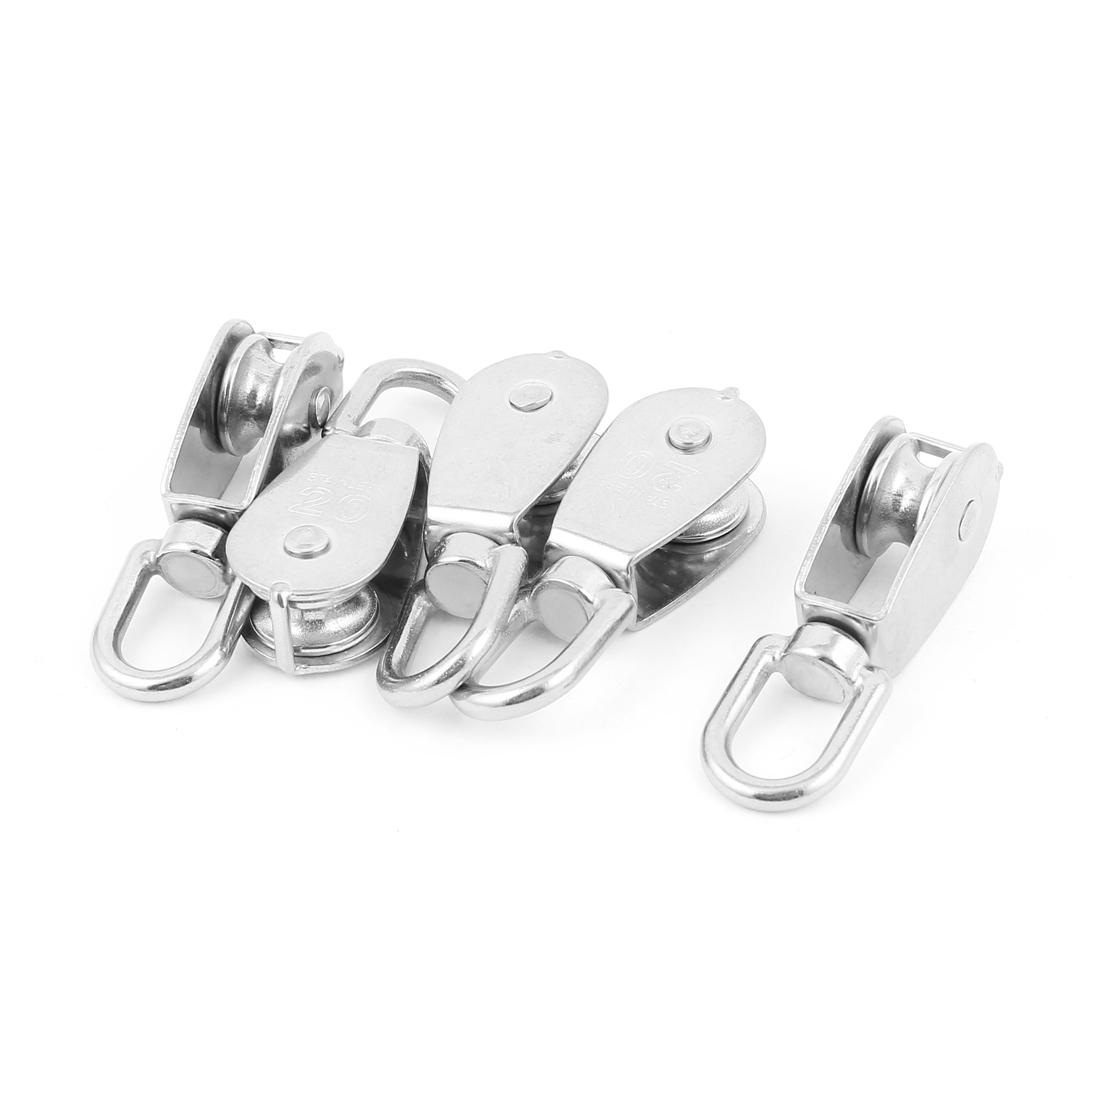 0.02 Ton Single Wheel Swivel Wire Hoist Rope Pulley Silver Tone 5 Pcs